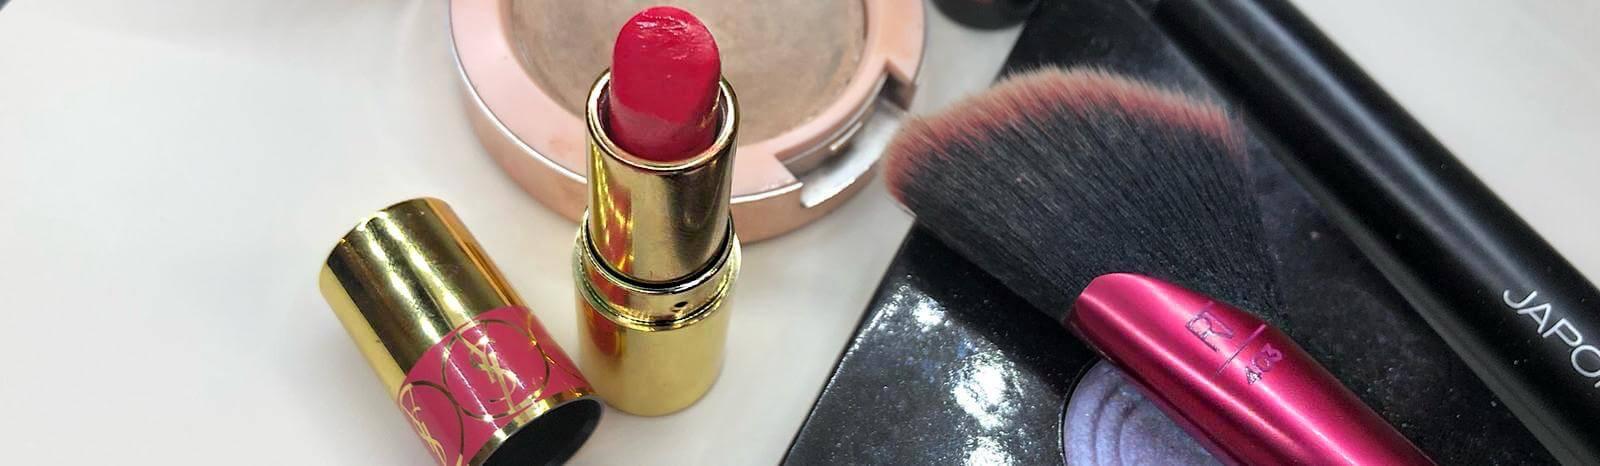 10 Min. Spring Make-up BTB